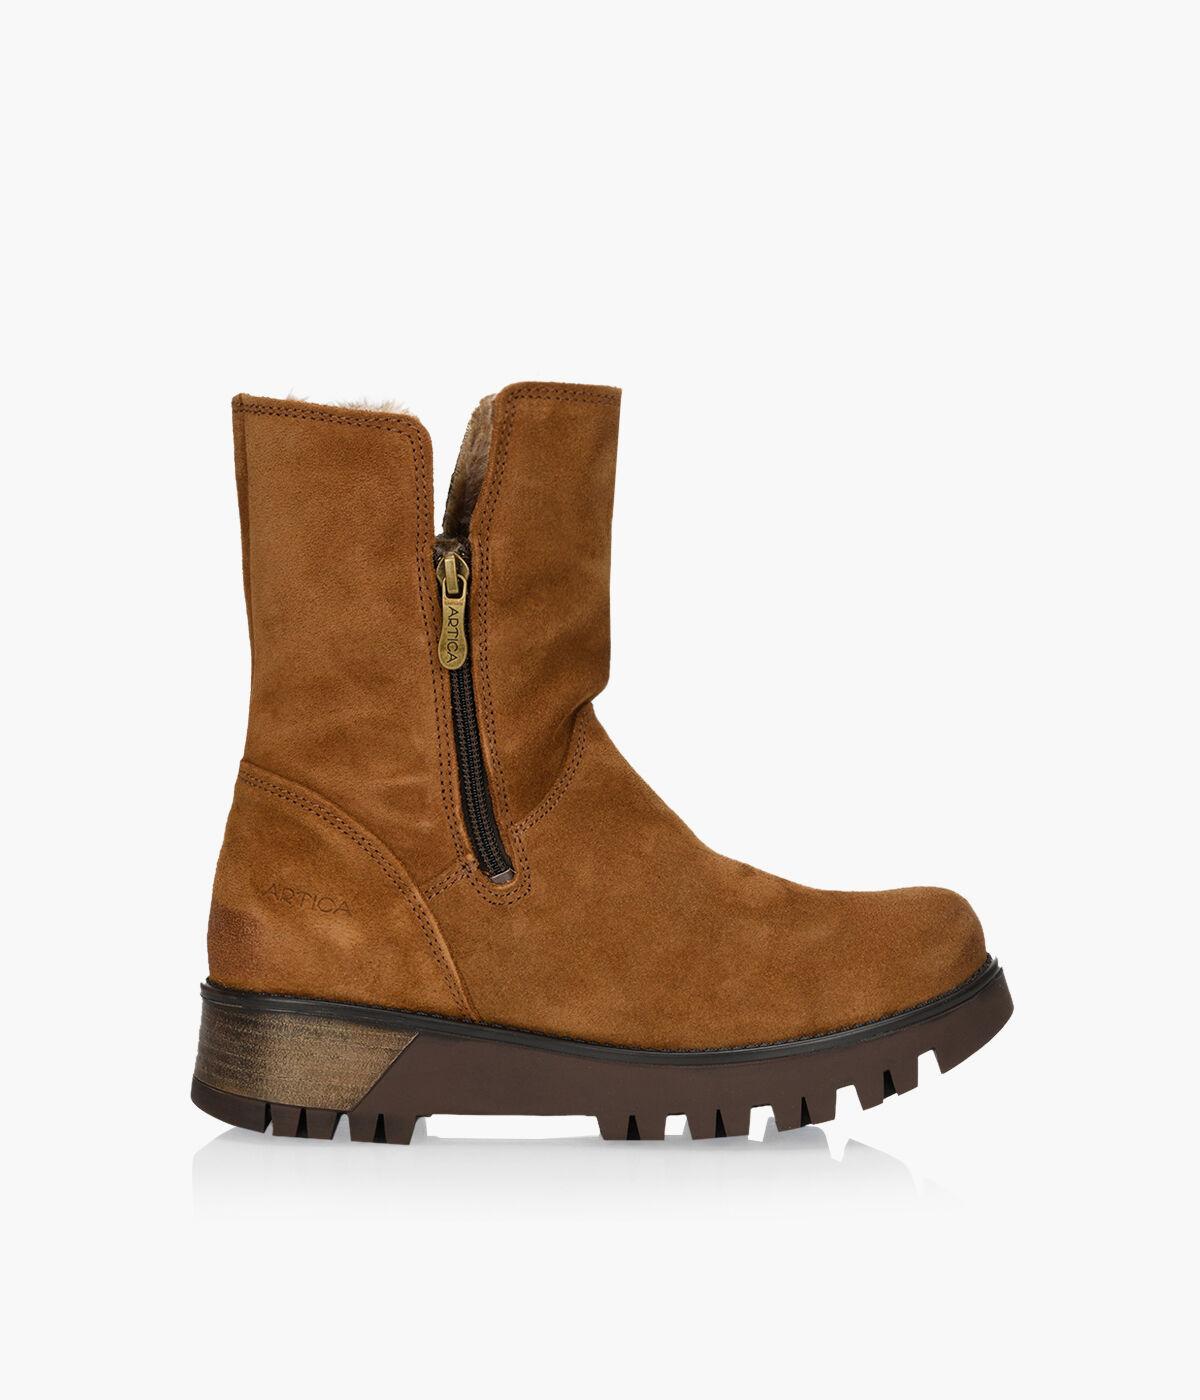 ARTICA 6151402 - Suede   Browns Shoes